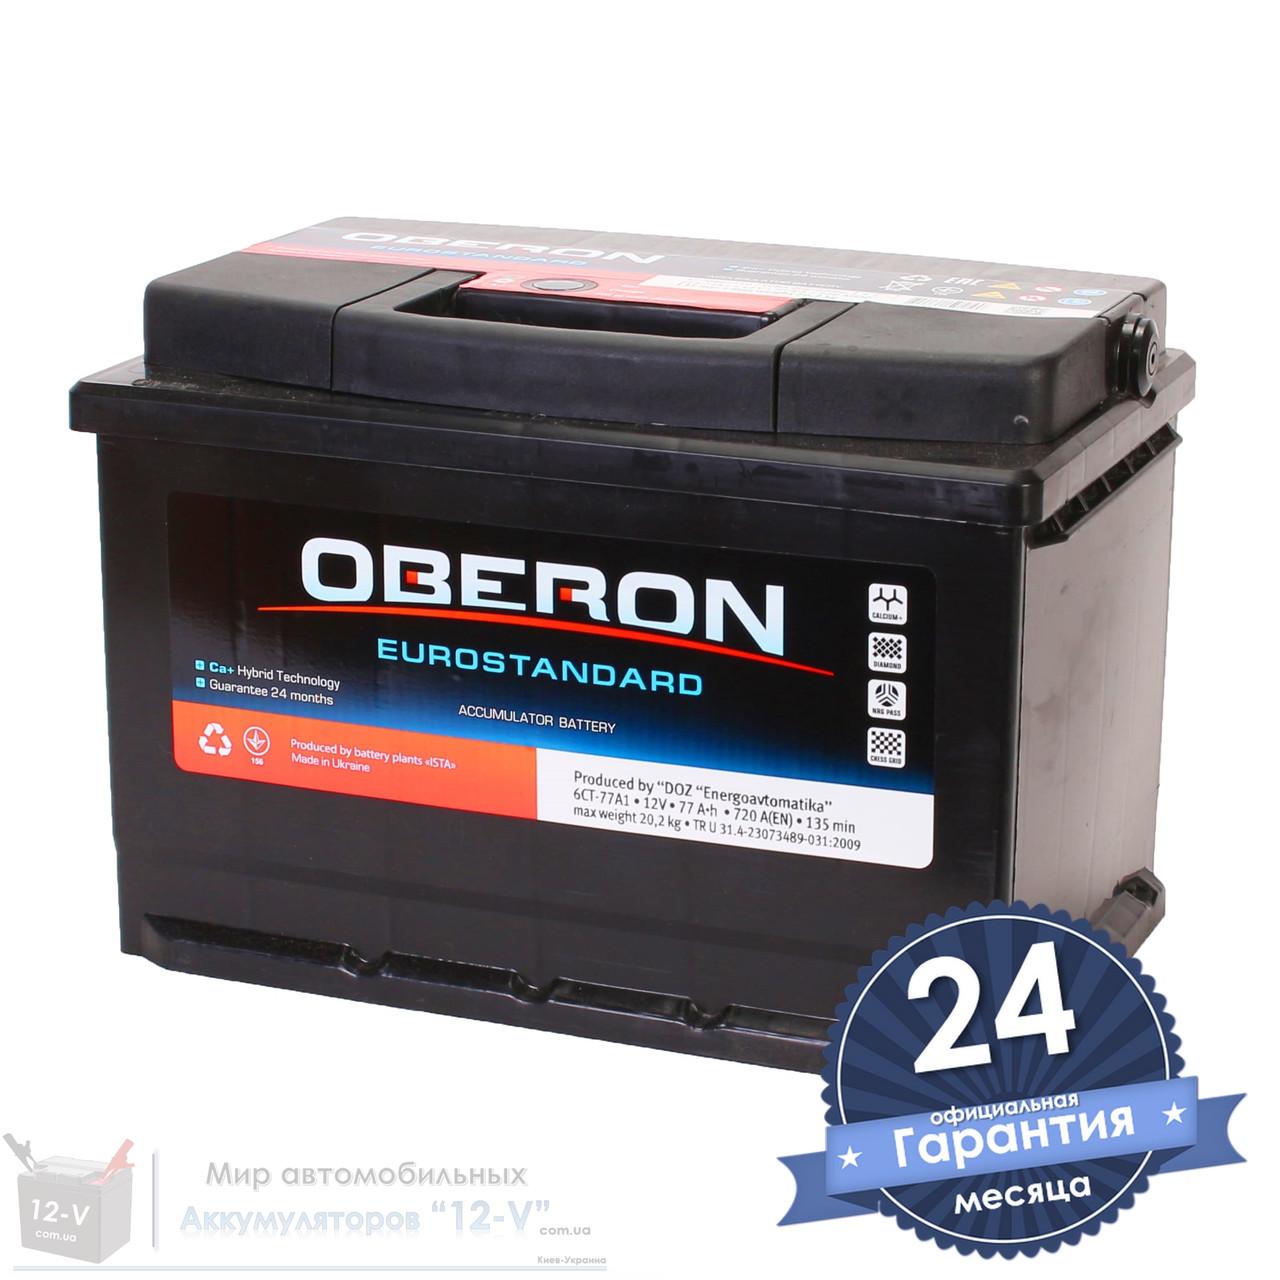 Аккумулятор автомобильный OBERON Eurostandard 6CT 77Ah, пусковой ток 720А [+|–]